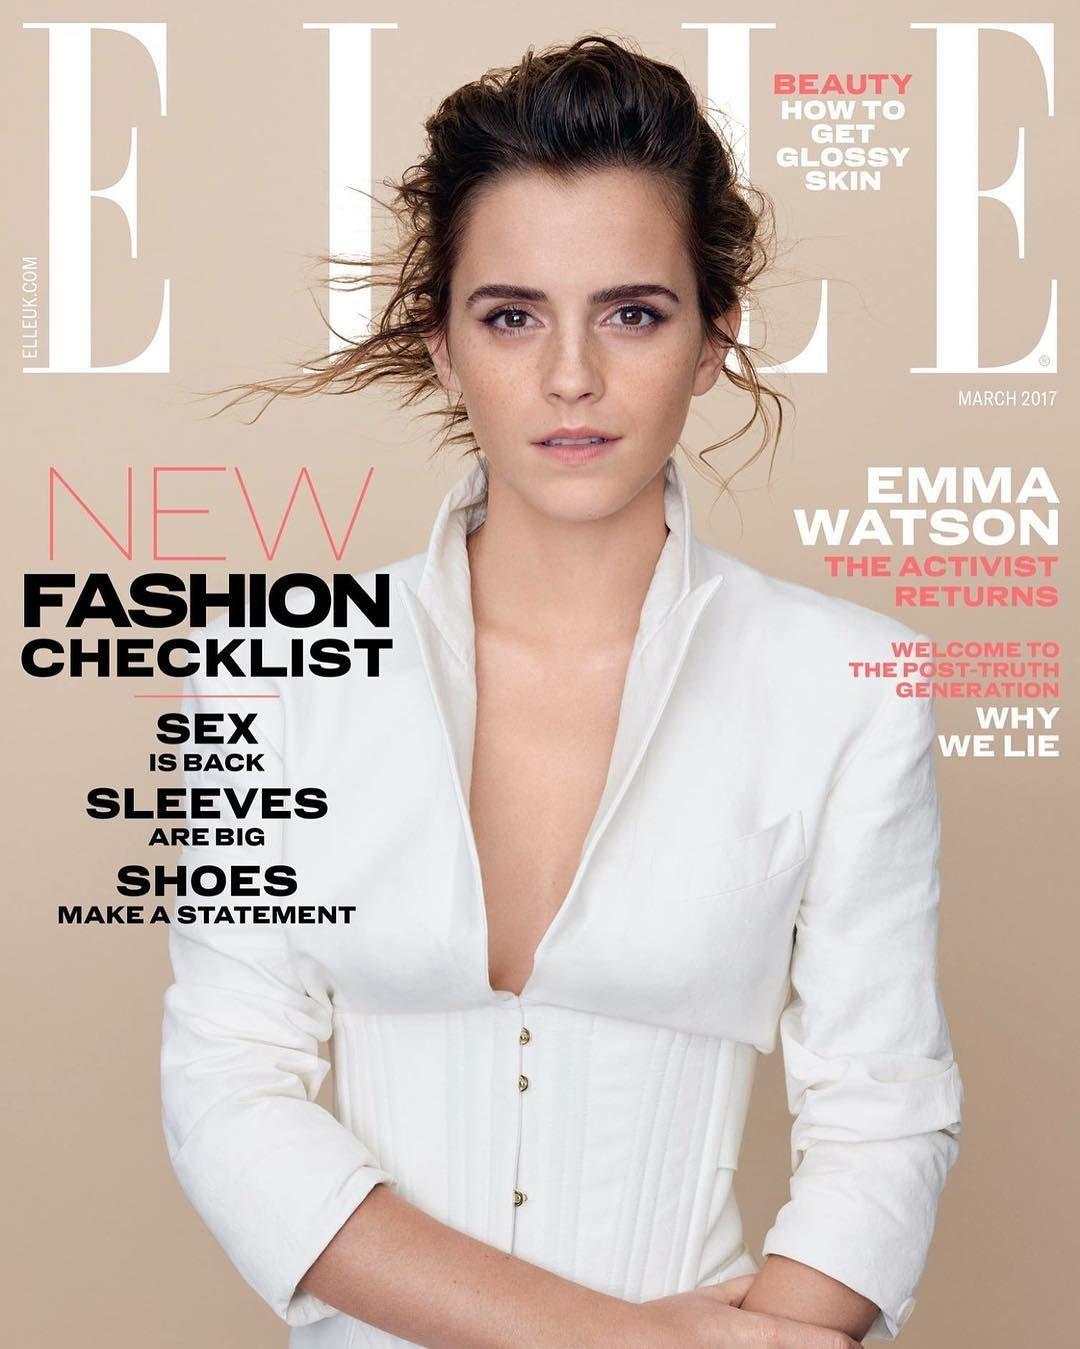 Estamos Enamorados De La Nueva Portada De Emmawatson Definitivamente Esta Actriz Luce Genial En Cualquier Co Emma Watson Editoriales De Moda Revistas De Moda